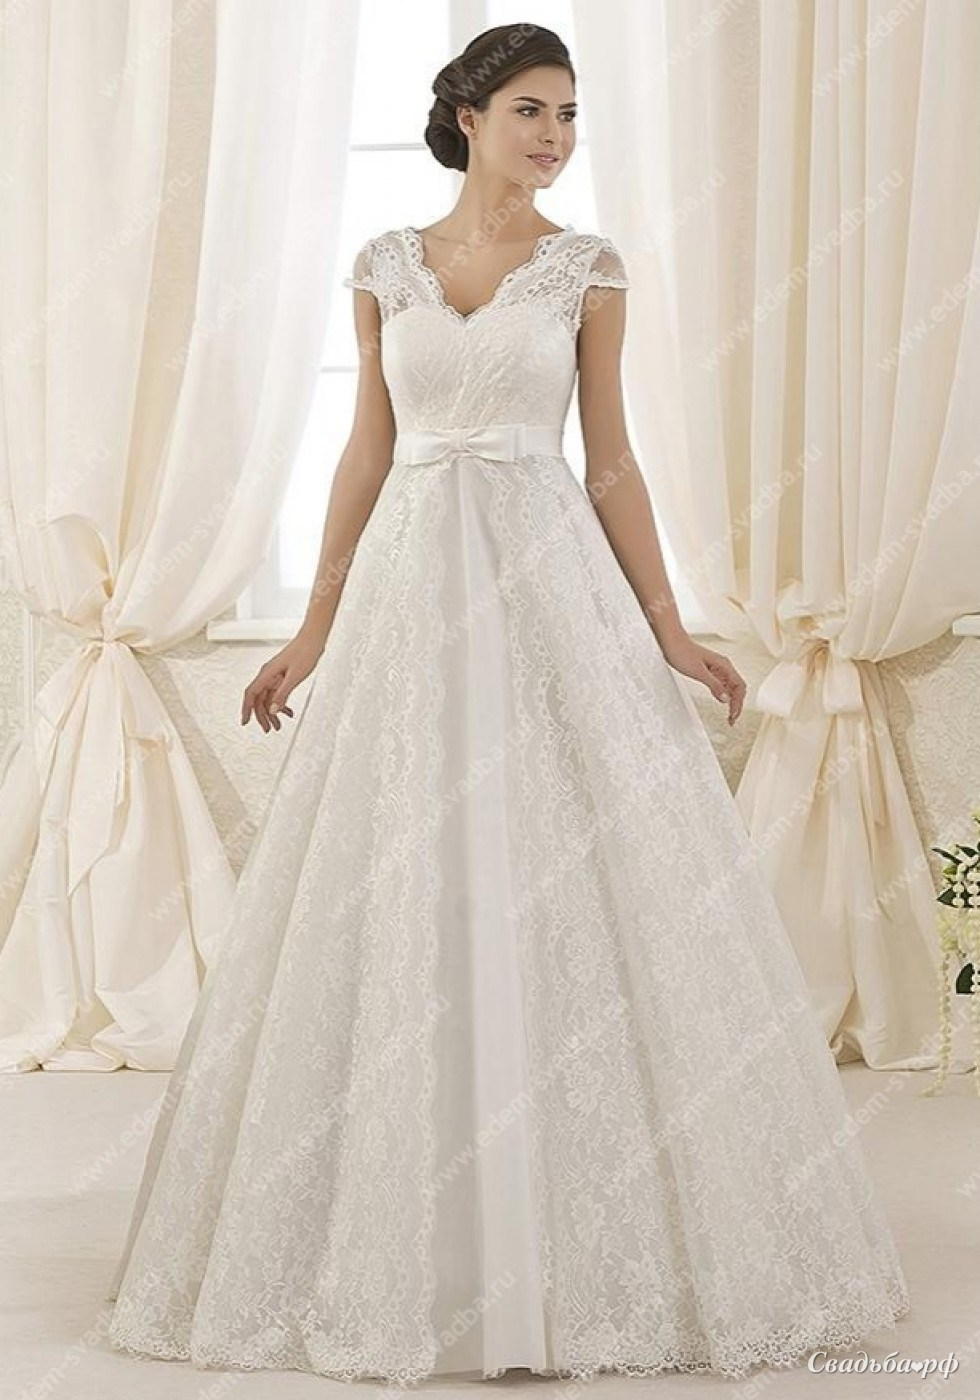 сказать свадебные платья ярославль фото его словам, разливов